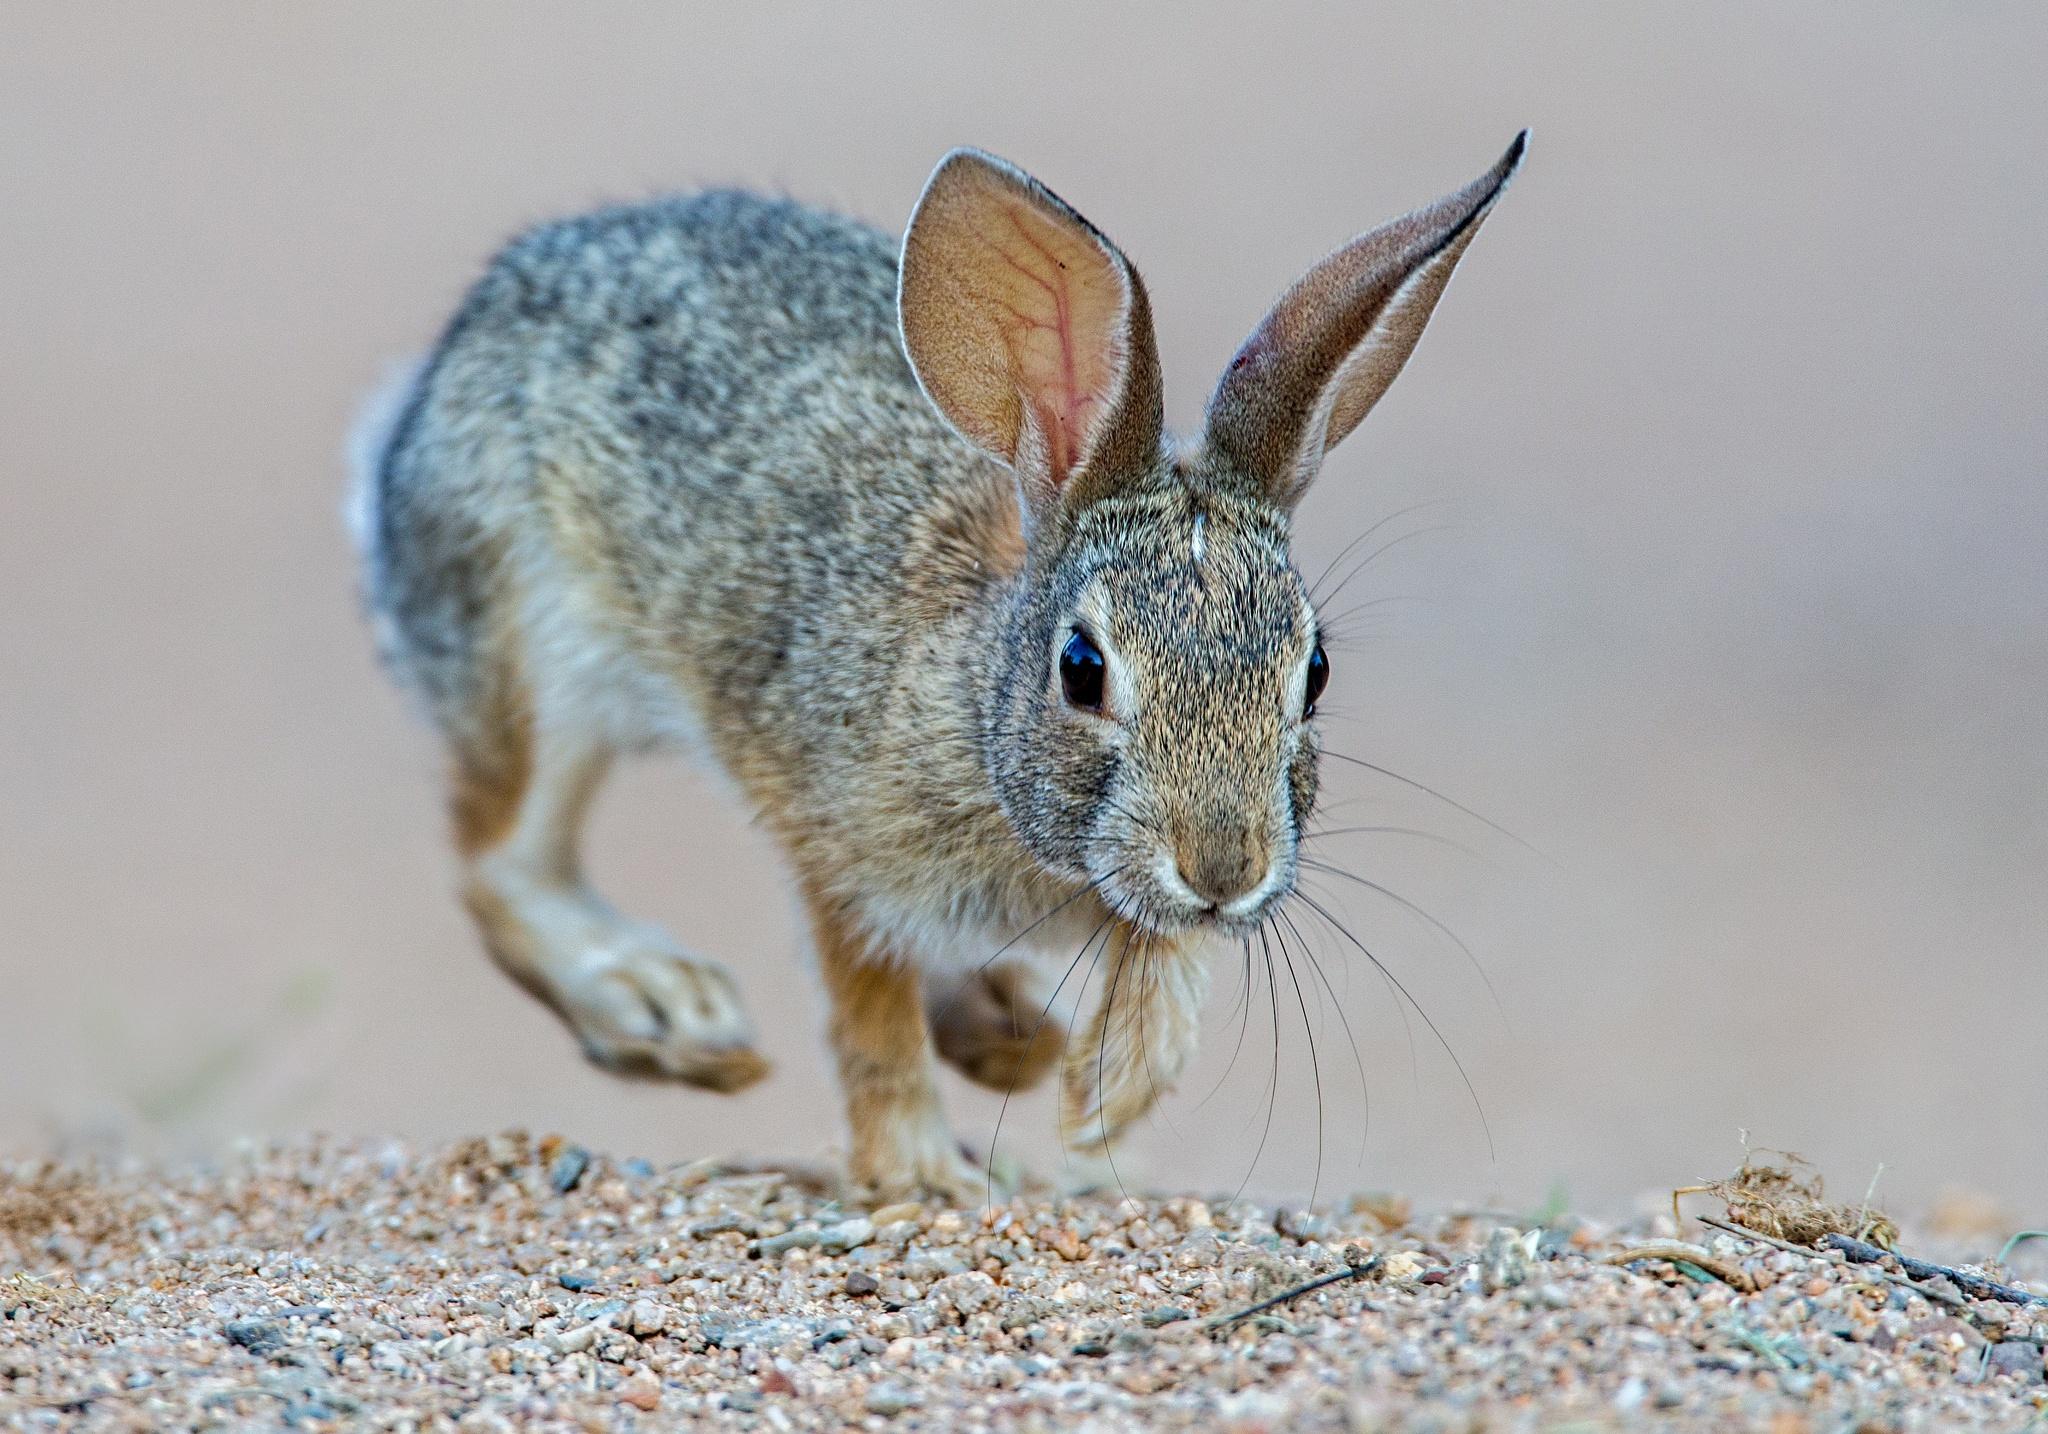 неблагоприятно картинки про уши зайцев которых изображены сочные